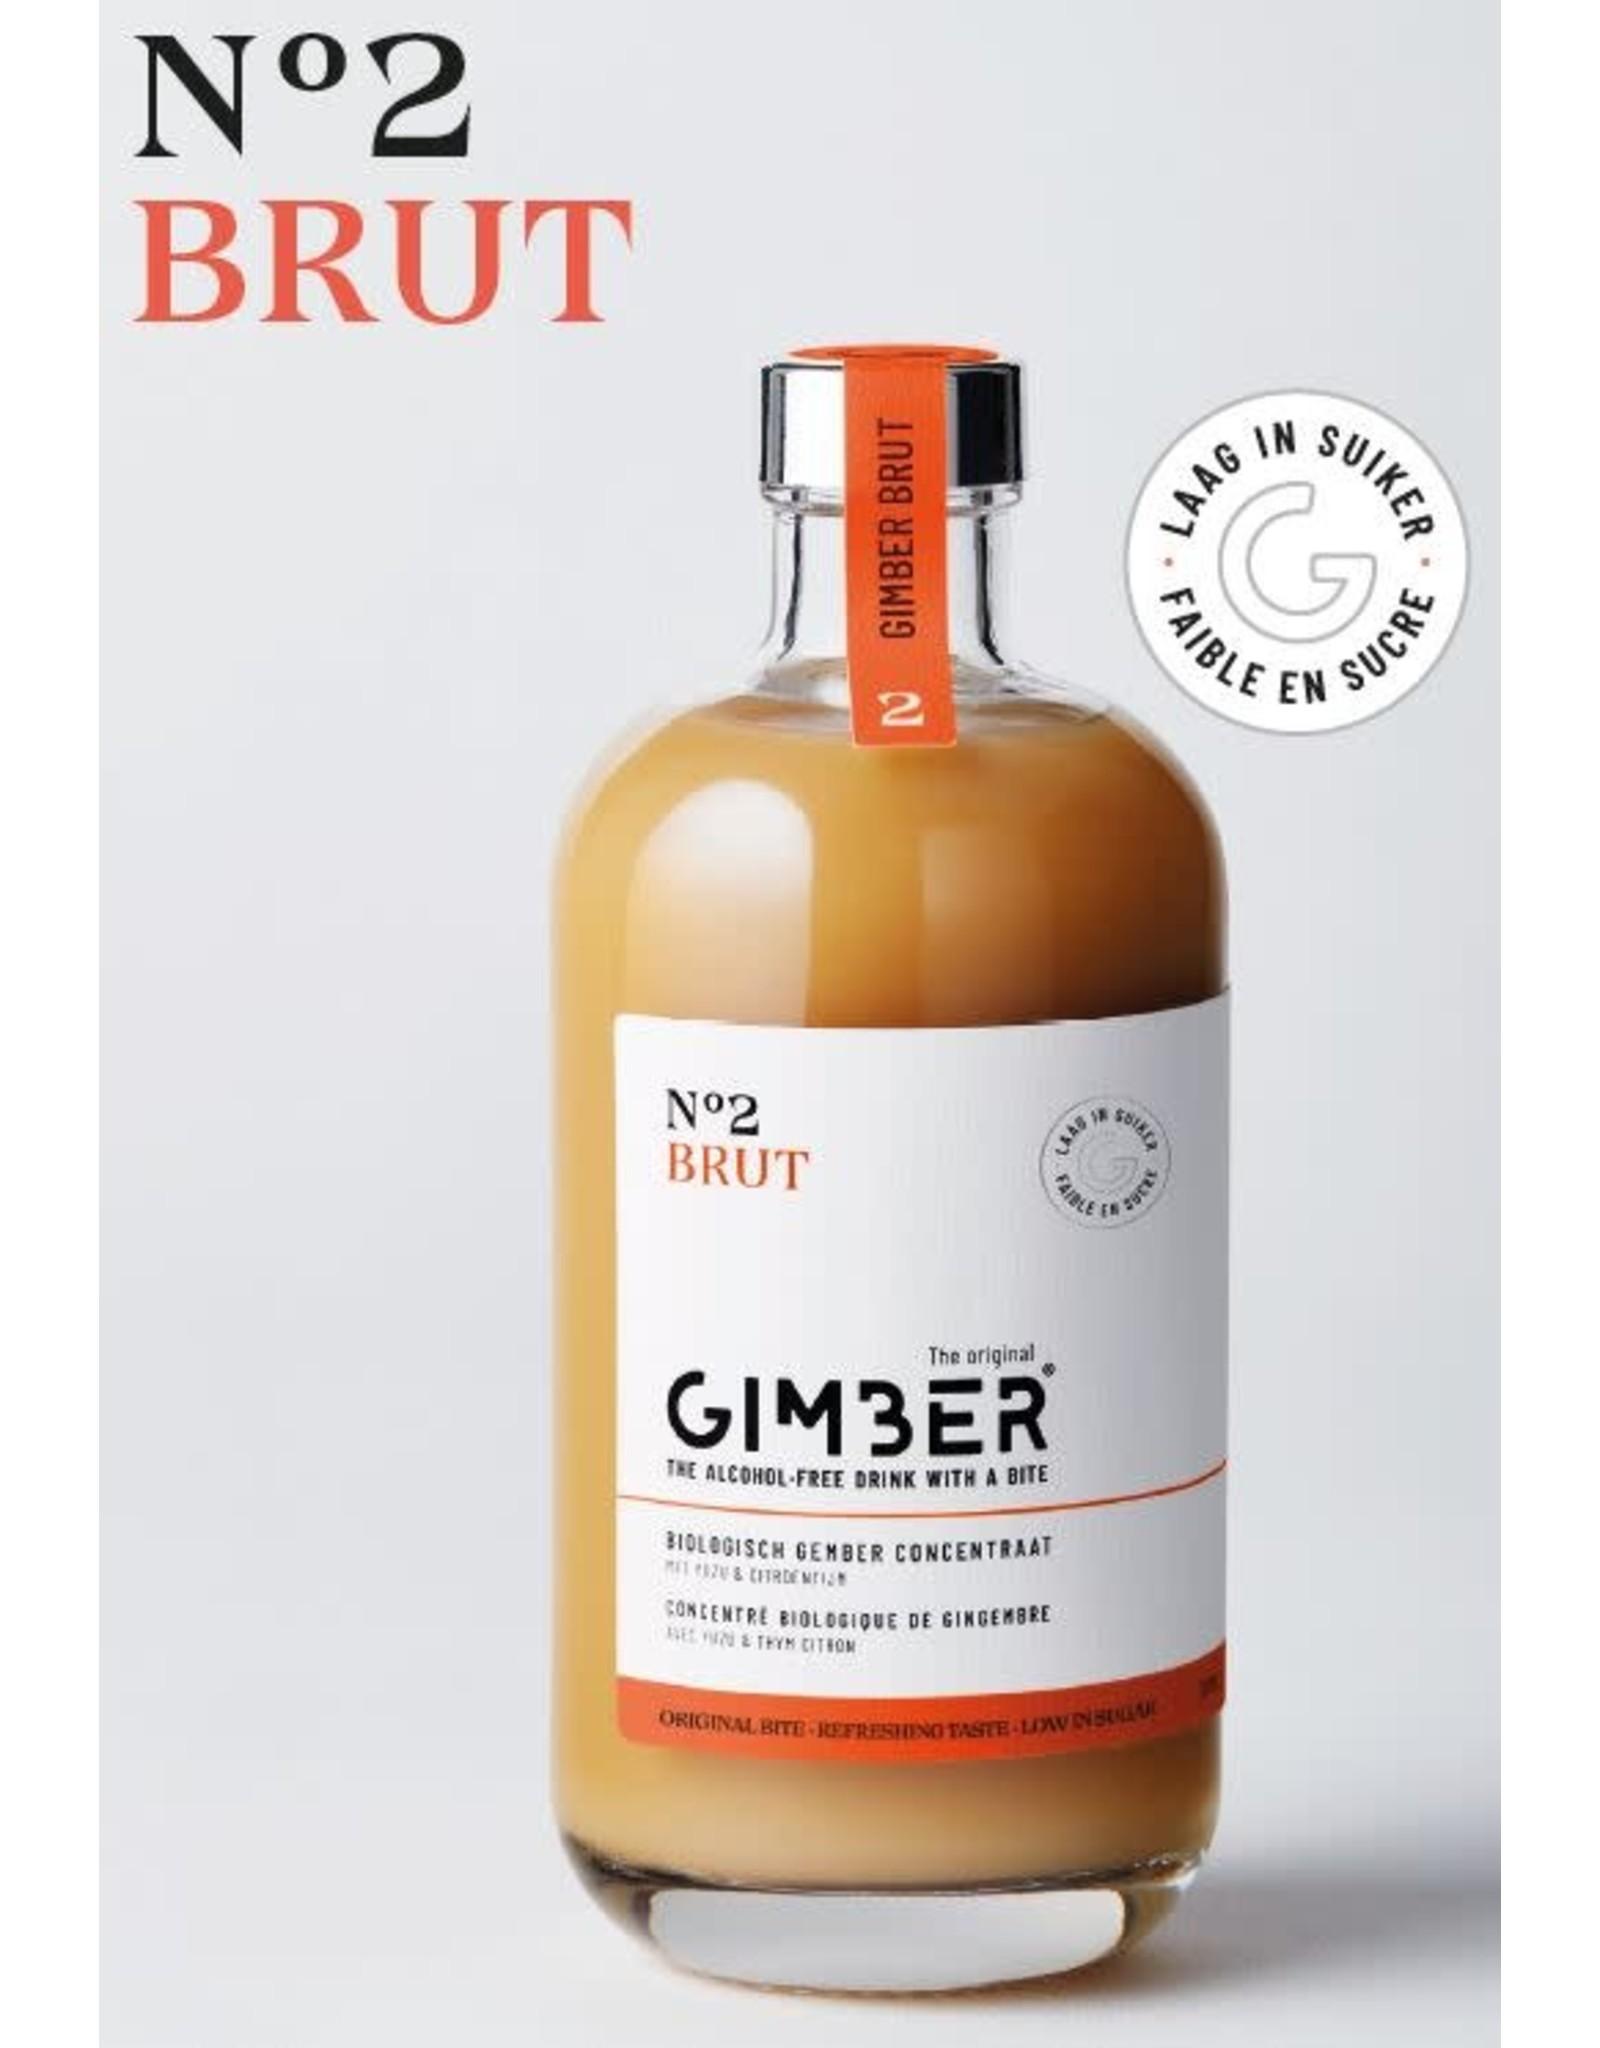 GIMBER The Original Gimber n°2 Brut 500ML